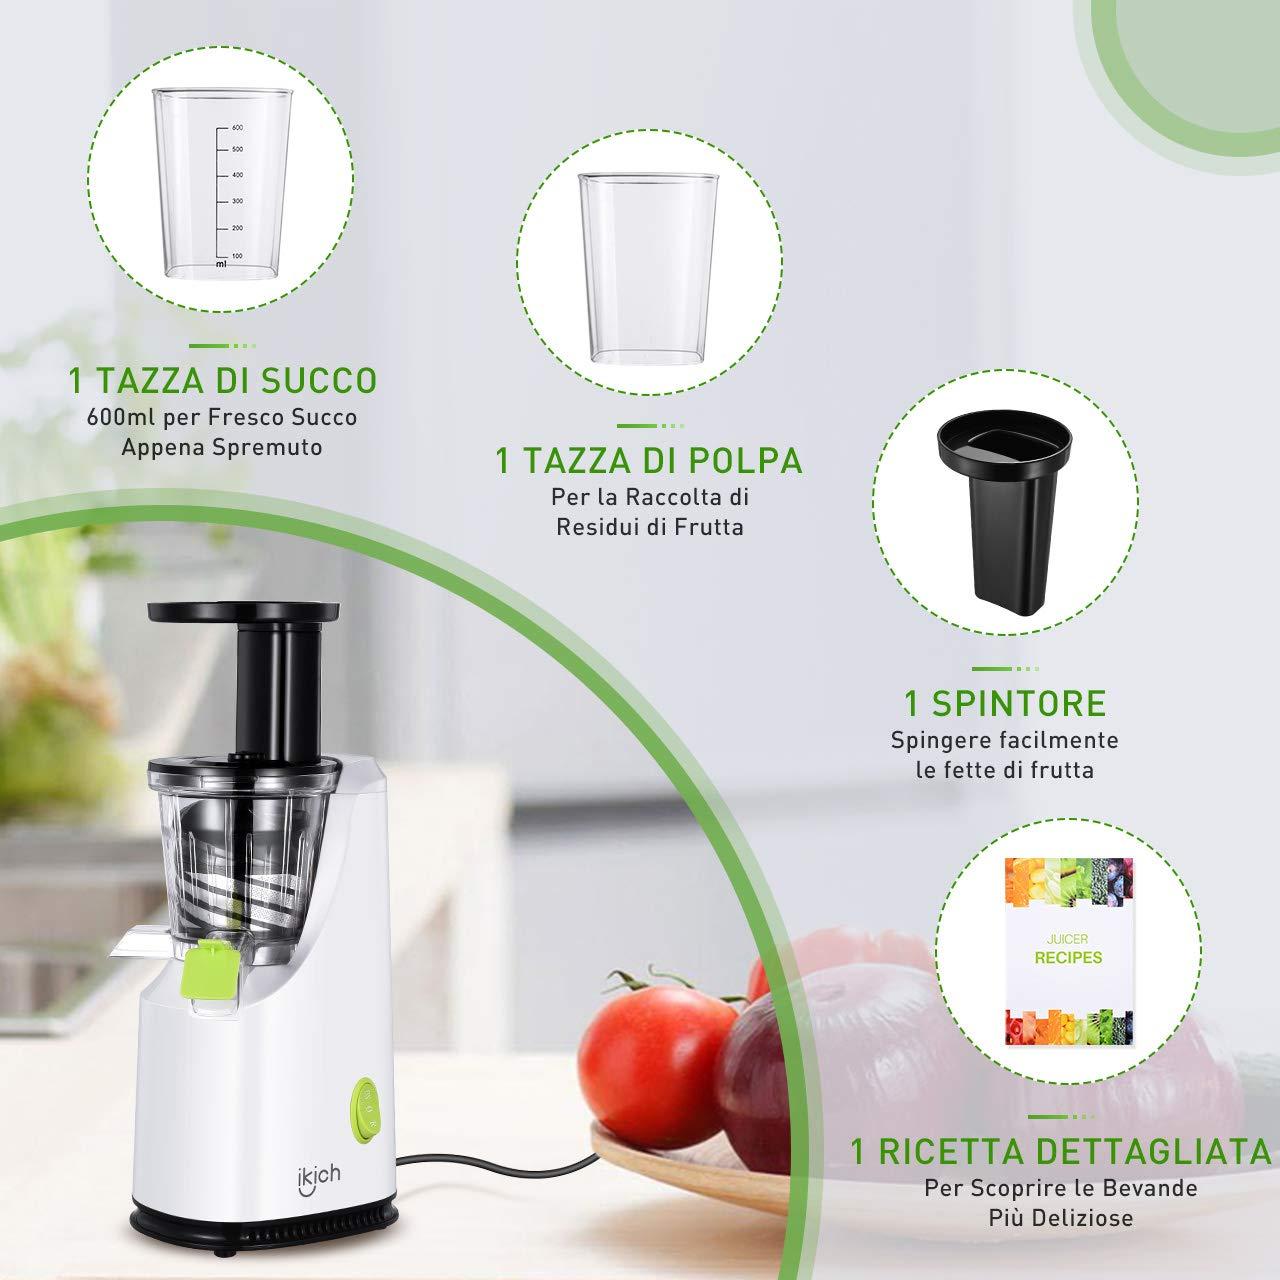 IKICH-Estrattore di Succo a Freddo Professionale Estrattore a Freddo di Frutta e Verdura da 64 RPM//Min 2 Contenitori e Ricetta Italiana 200W